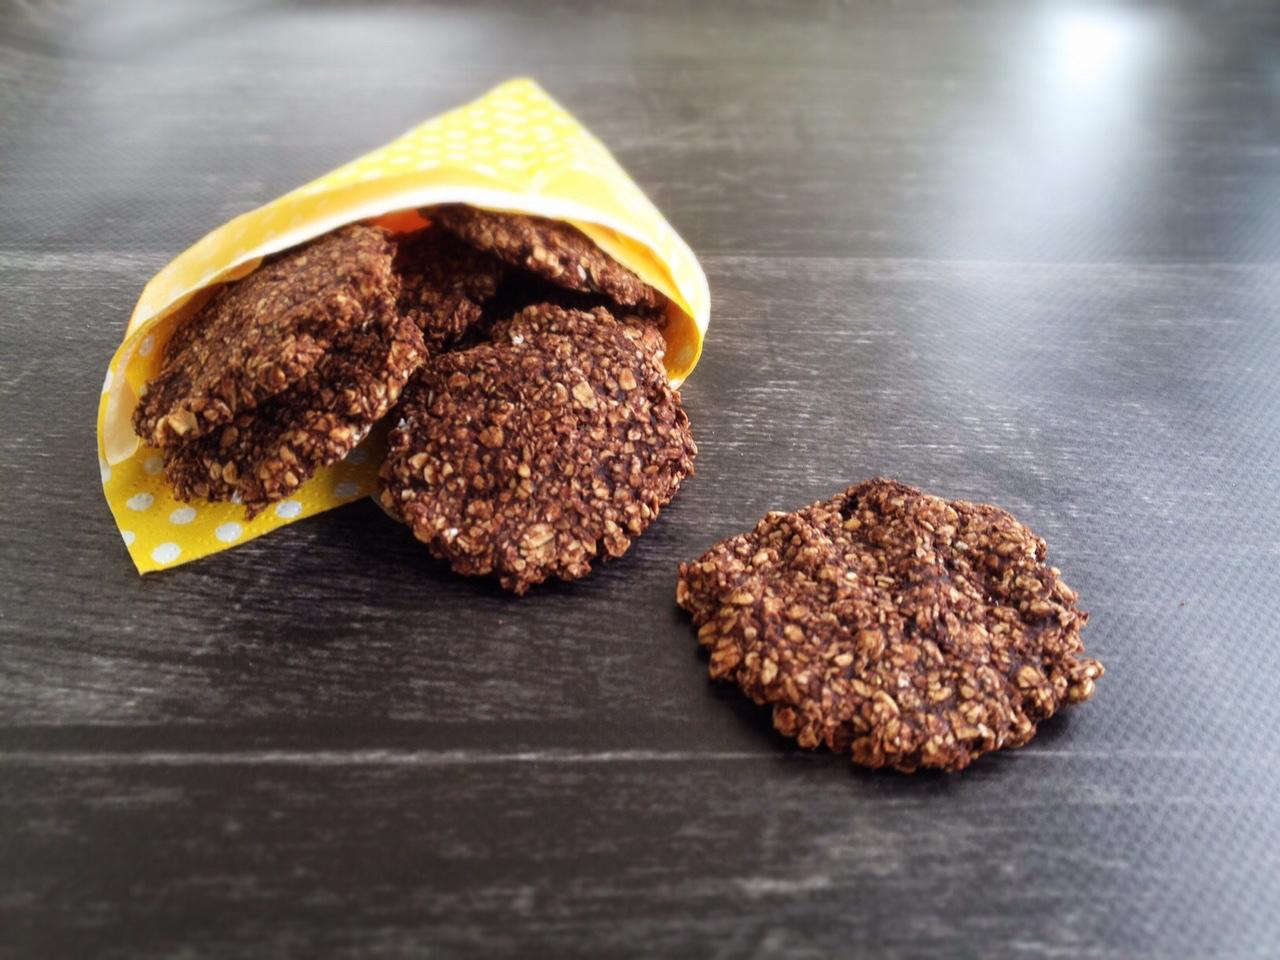 kakaos vanilias zabkeksz 5 hozzavalobol